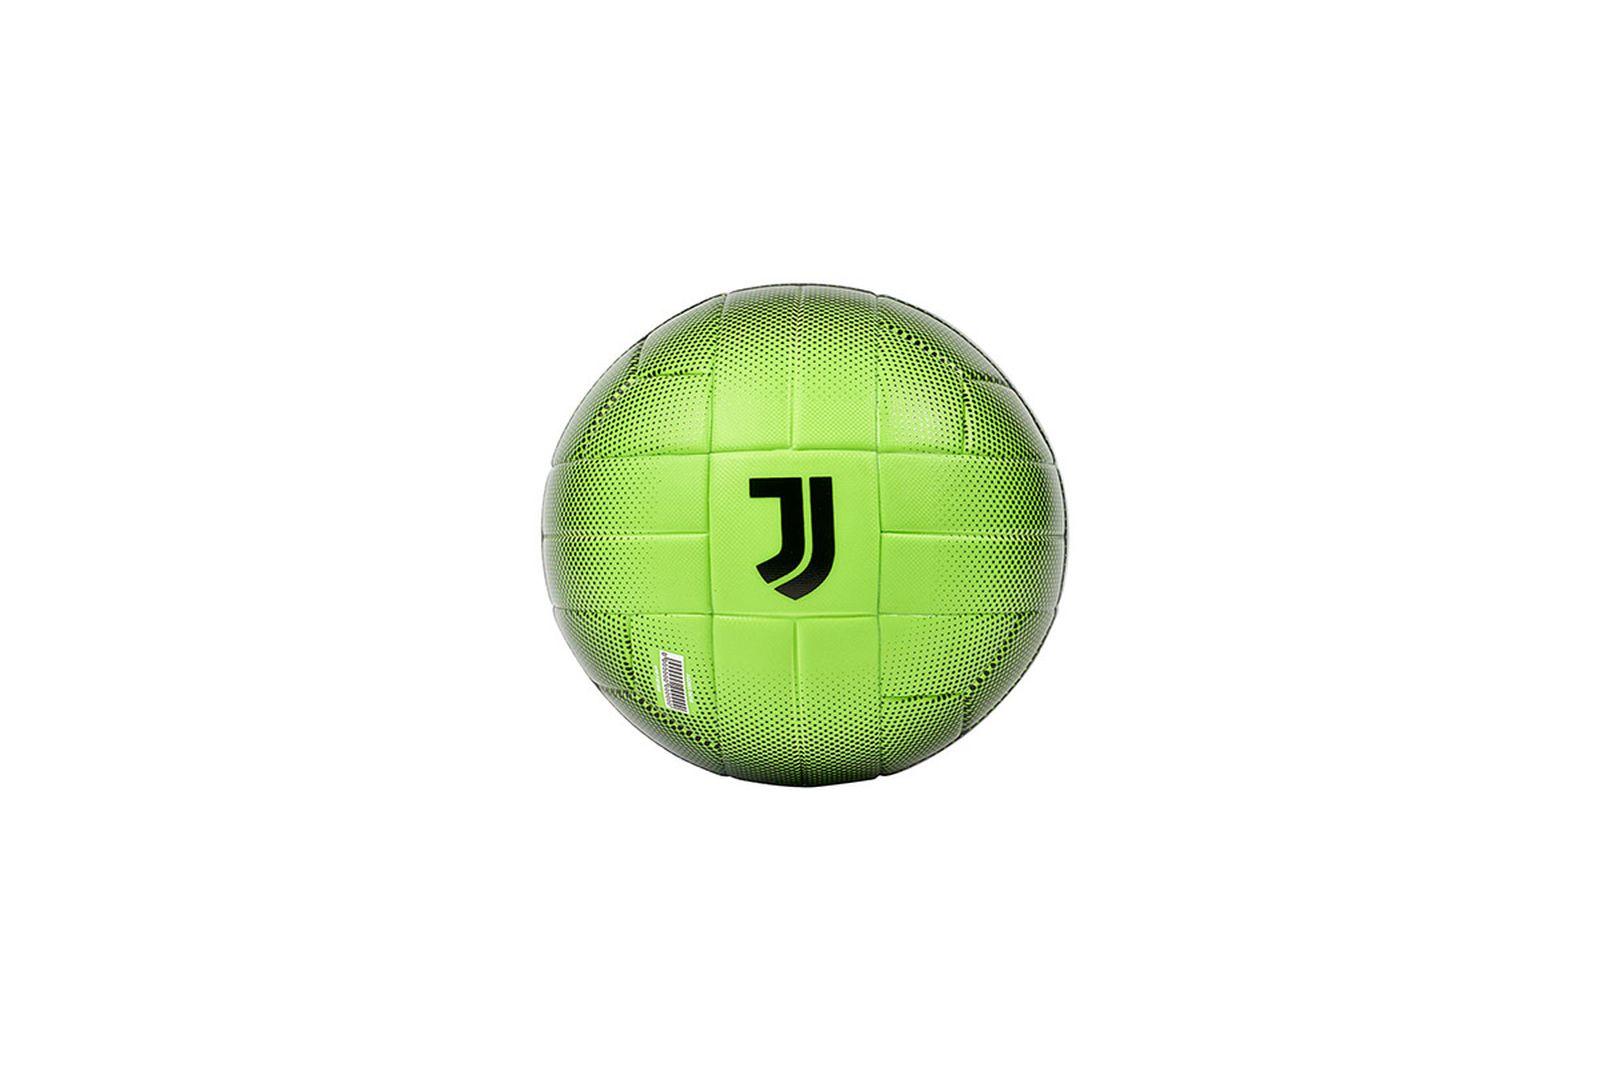 Palace-2019-Adidas-Juventus-ball-19523